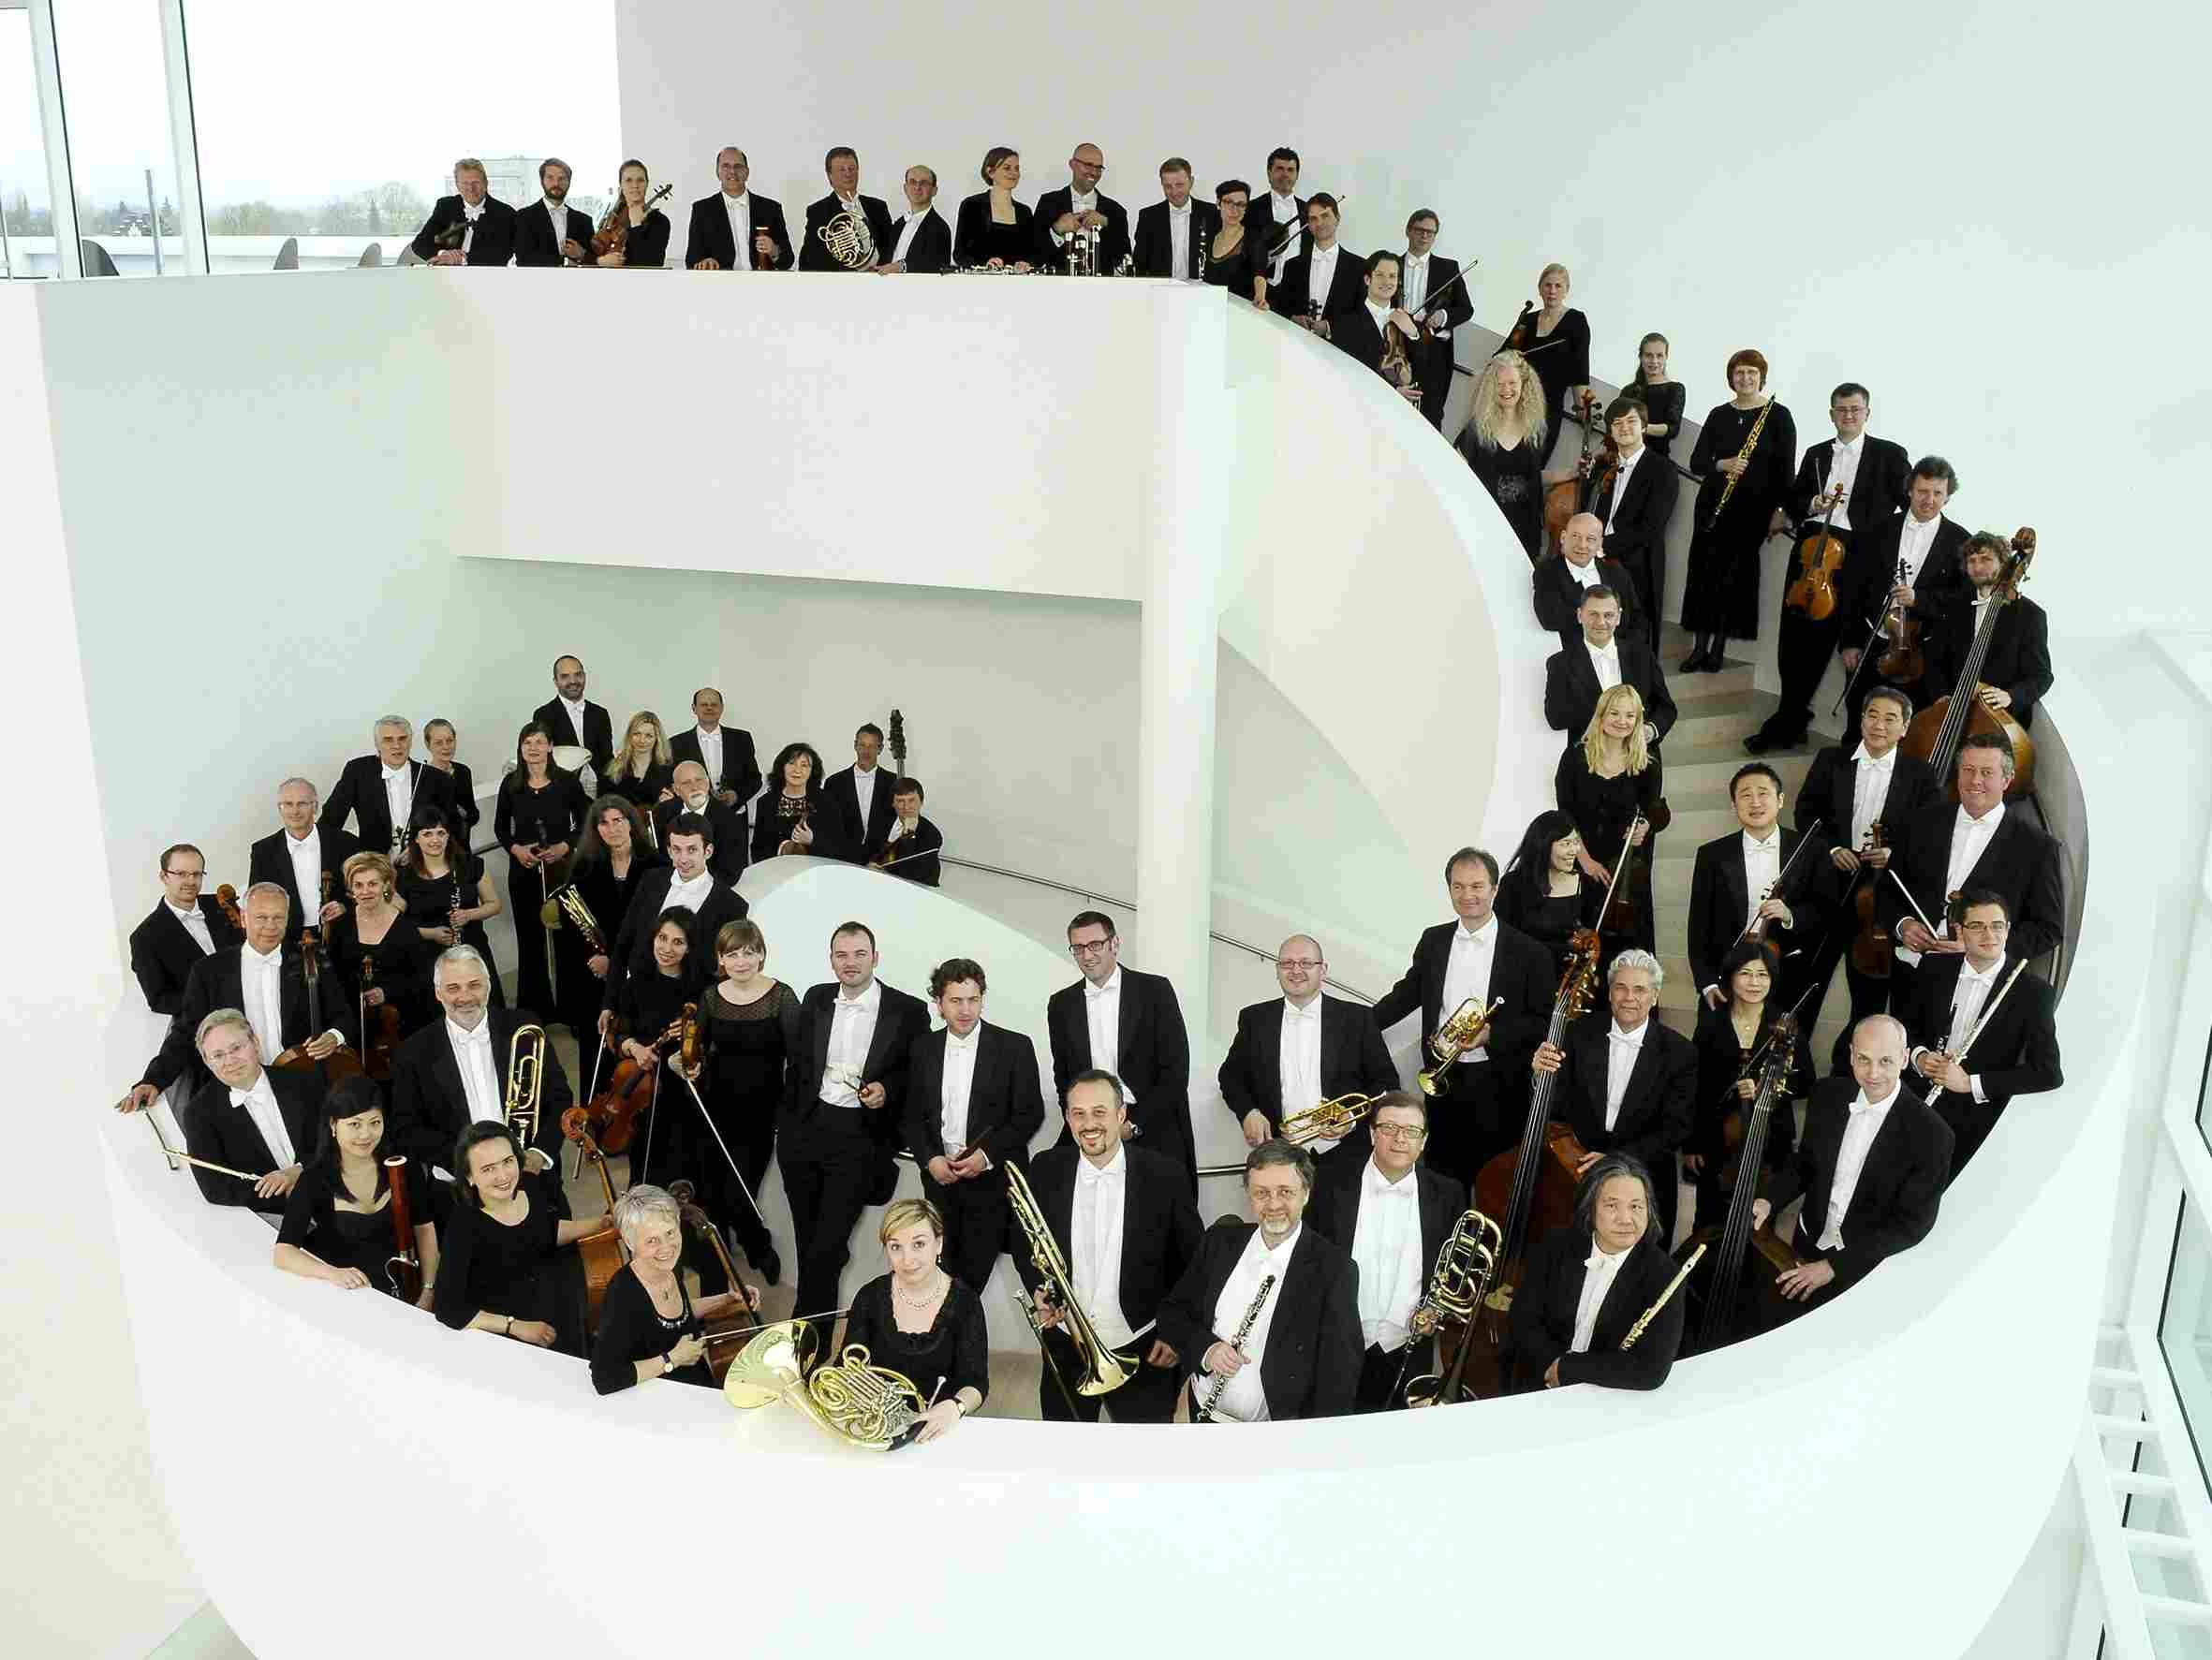 Nordwestdeutsche Philharmonie Herford in Lippstadt